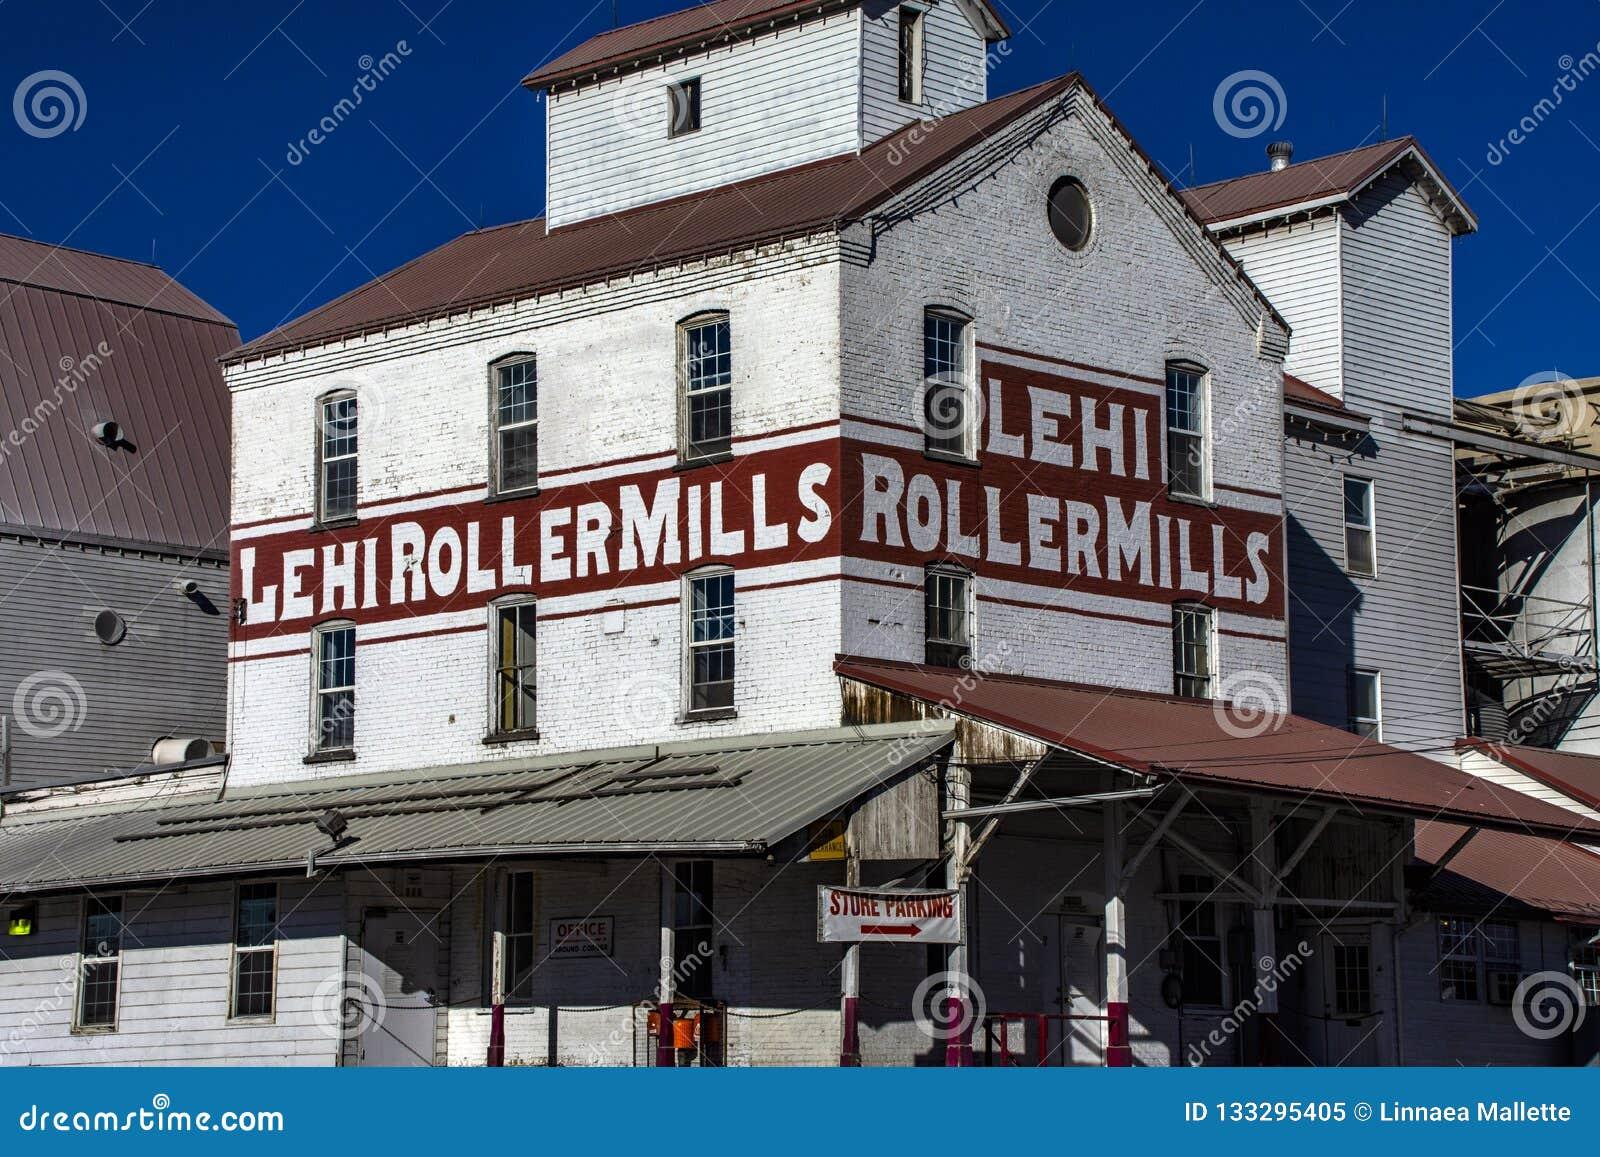 Iconische Graanmolens in de Rolmolens van de V.S. Lehi